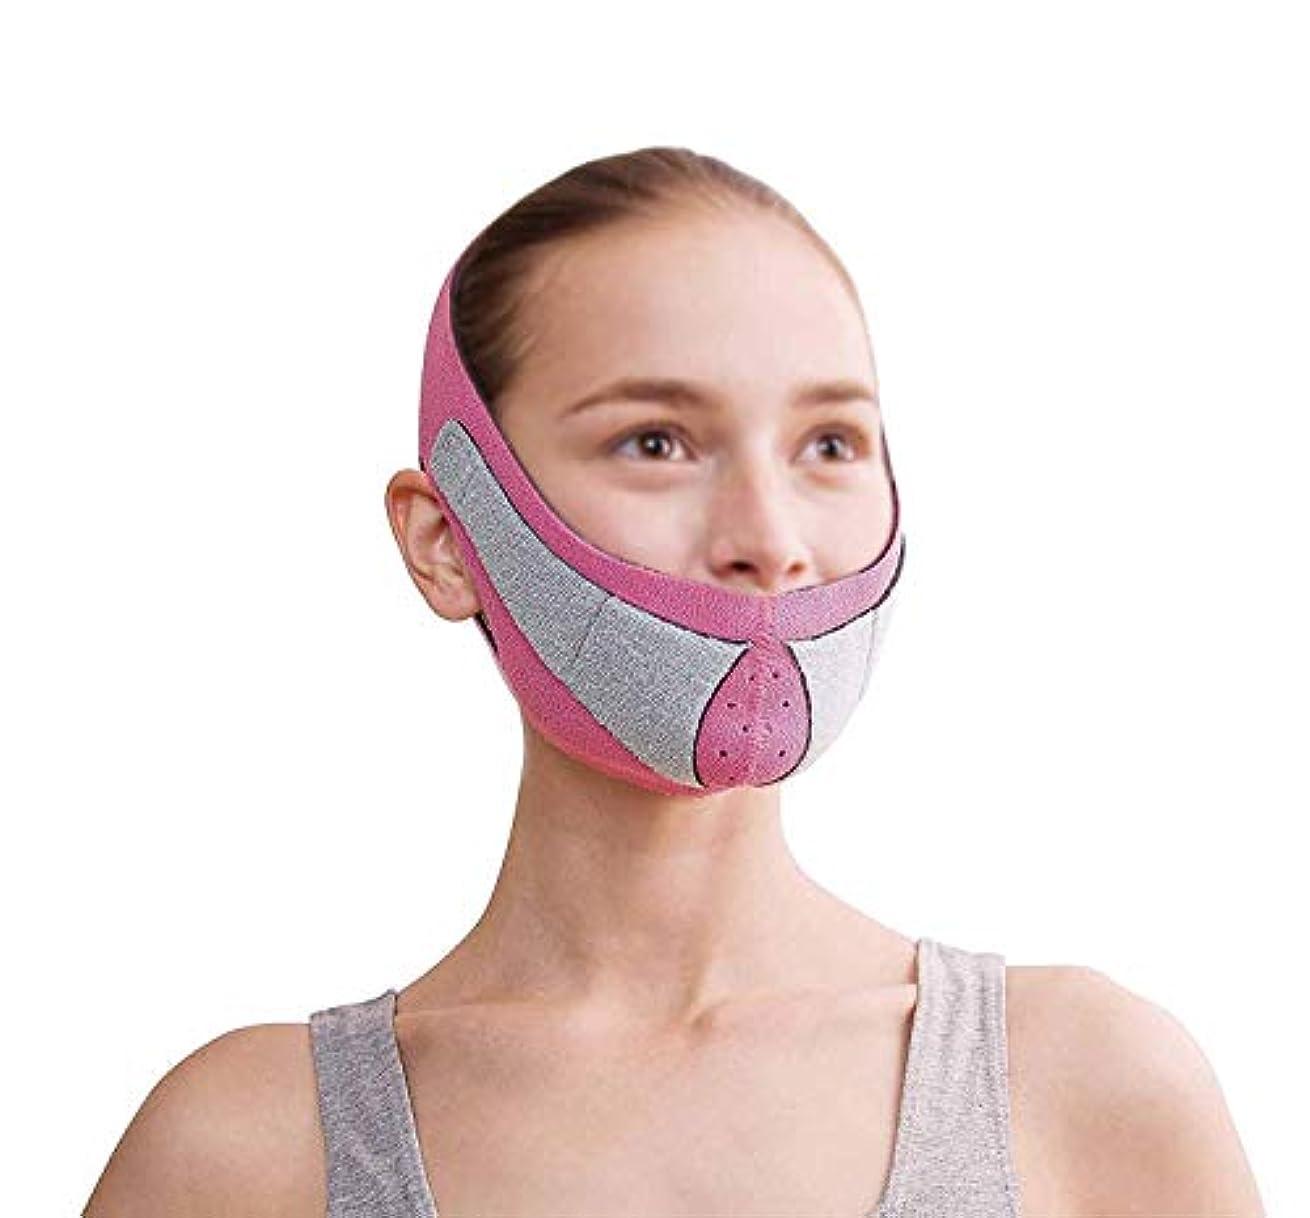 思慮のないストレッチであるフェイスリフトマスク、顔のMaskplus薄いフェイスマスクタイトなたるみの薄いフェイスマスク顔の薄いフェイスマスクアーティファクトネックストラップ付き